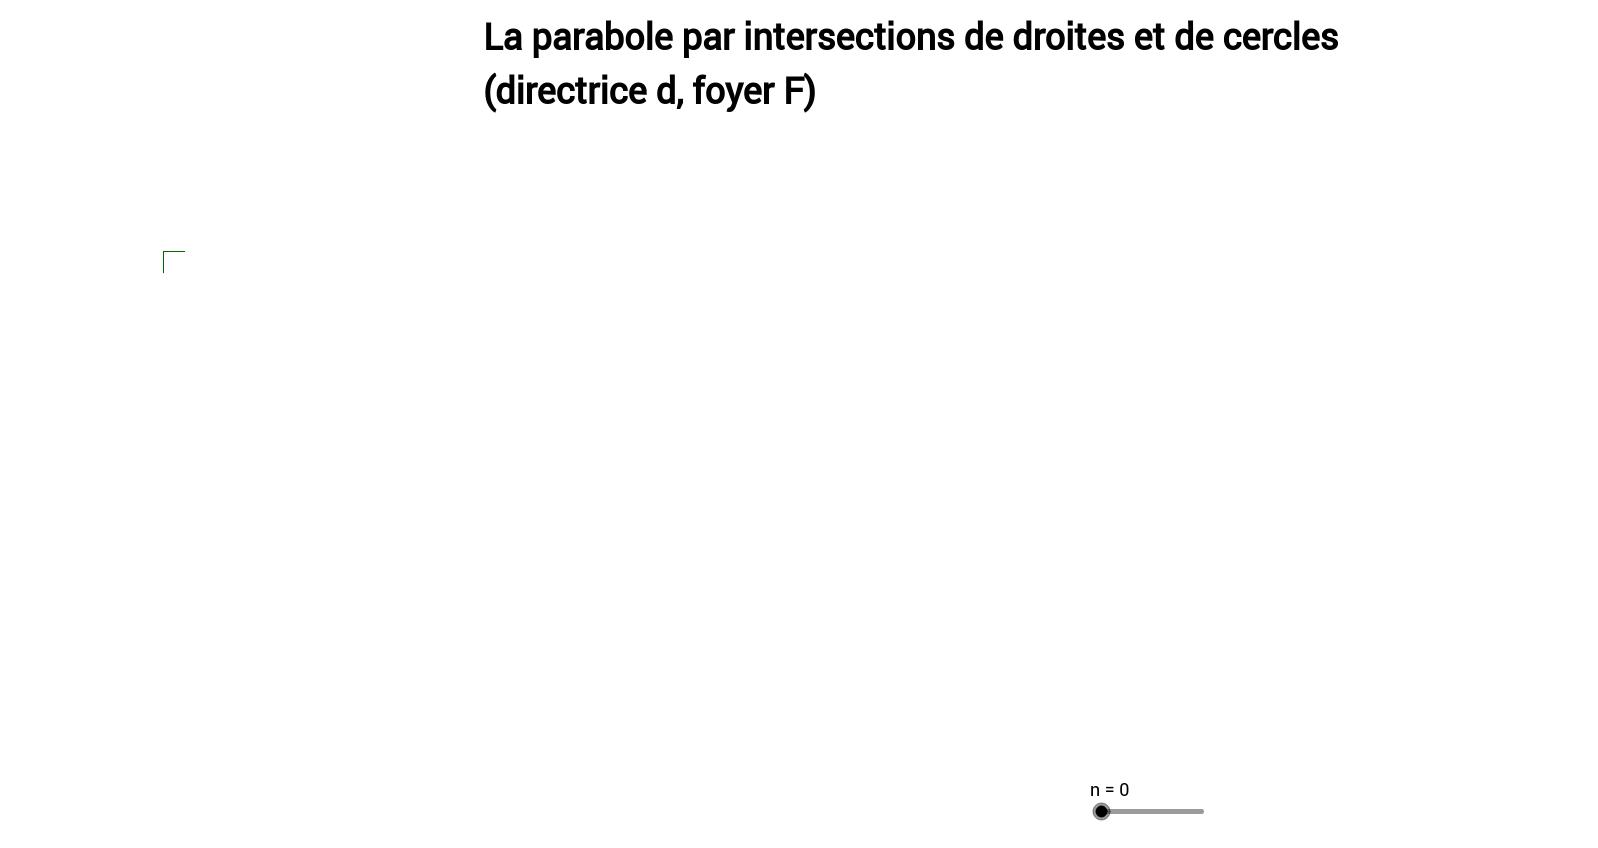 Construction de la parabole